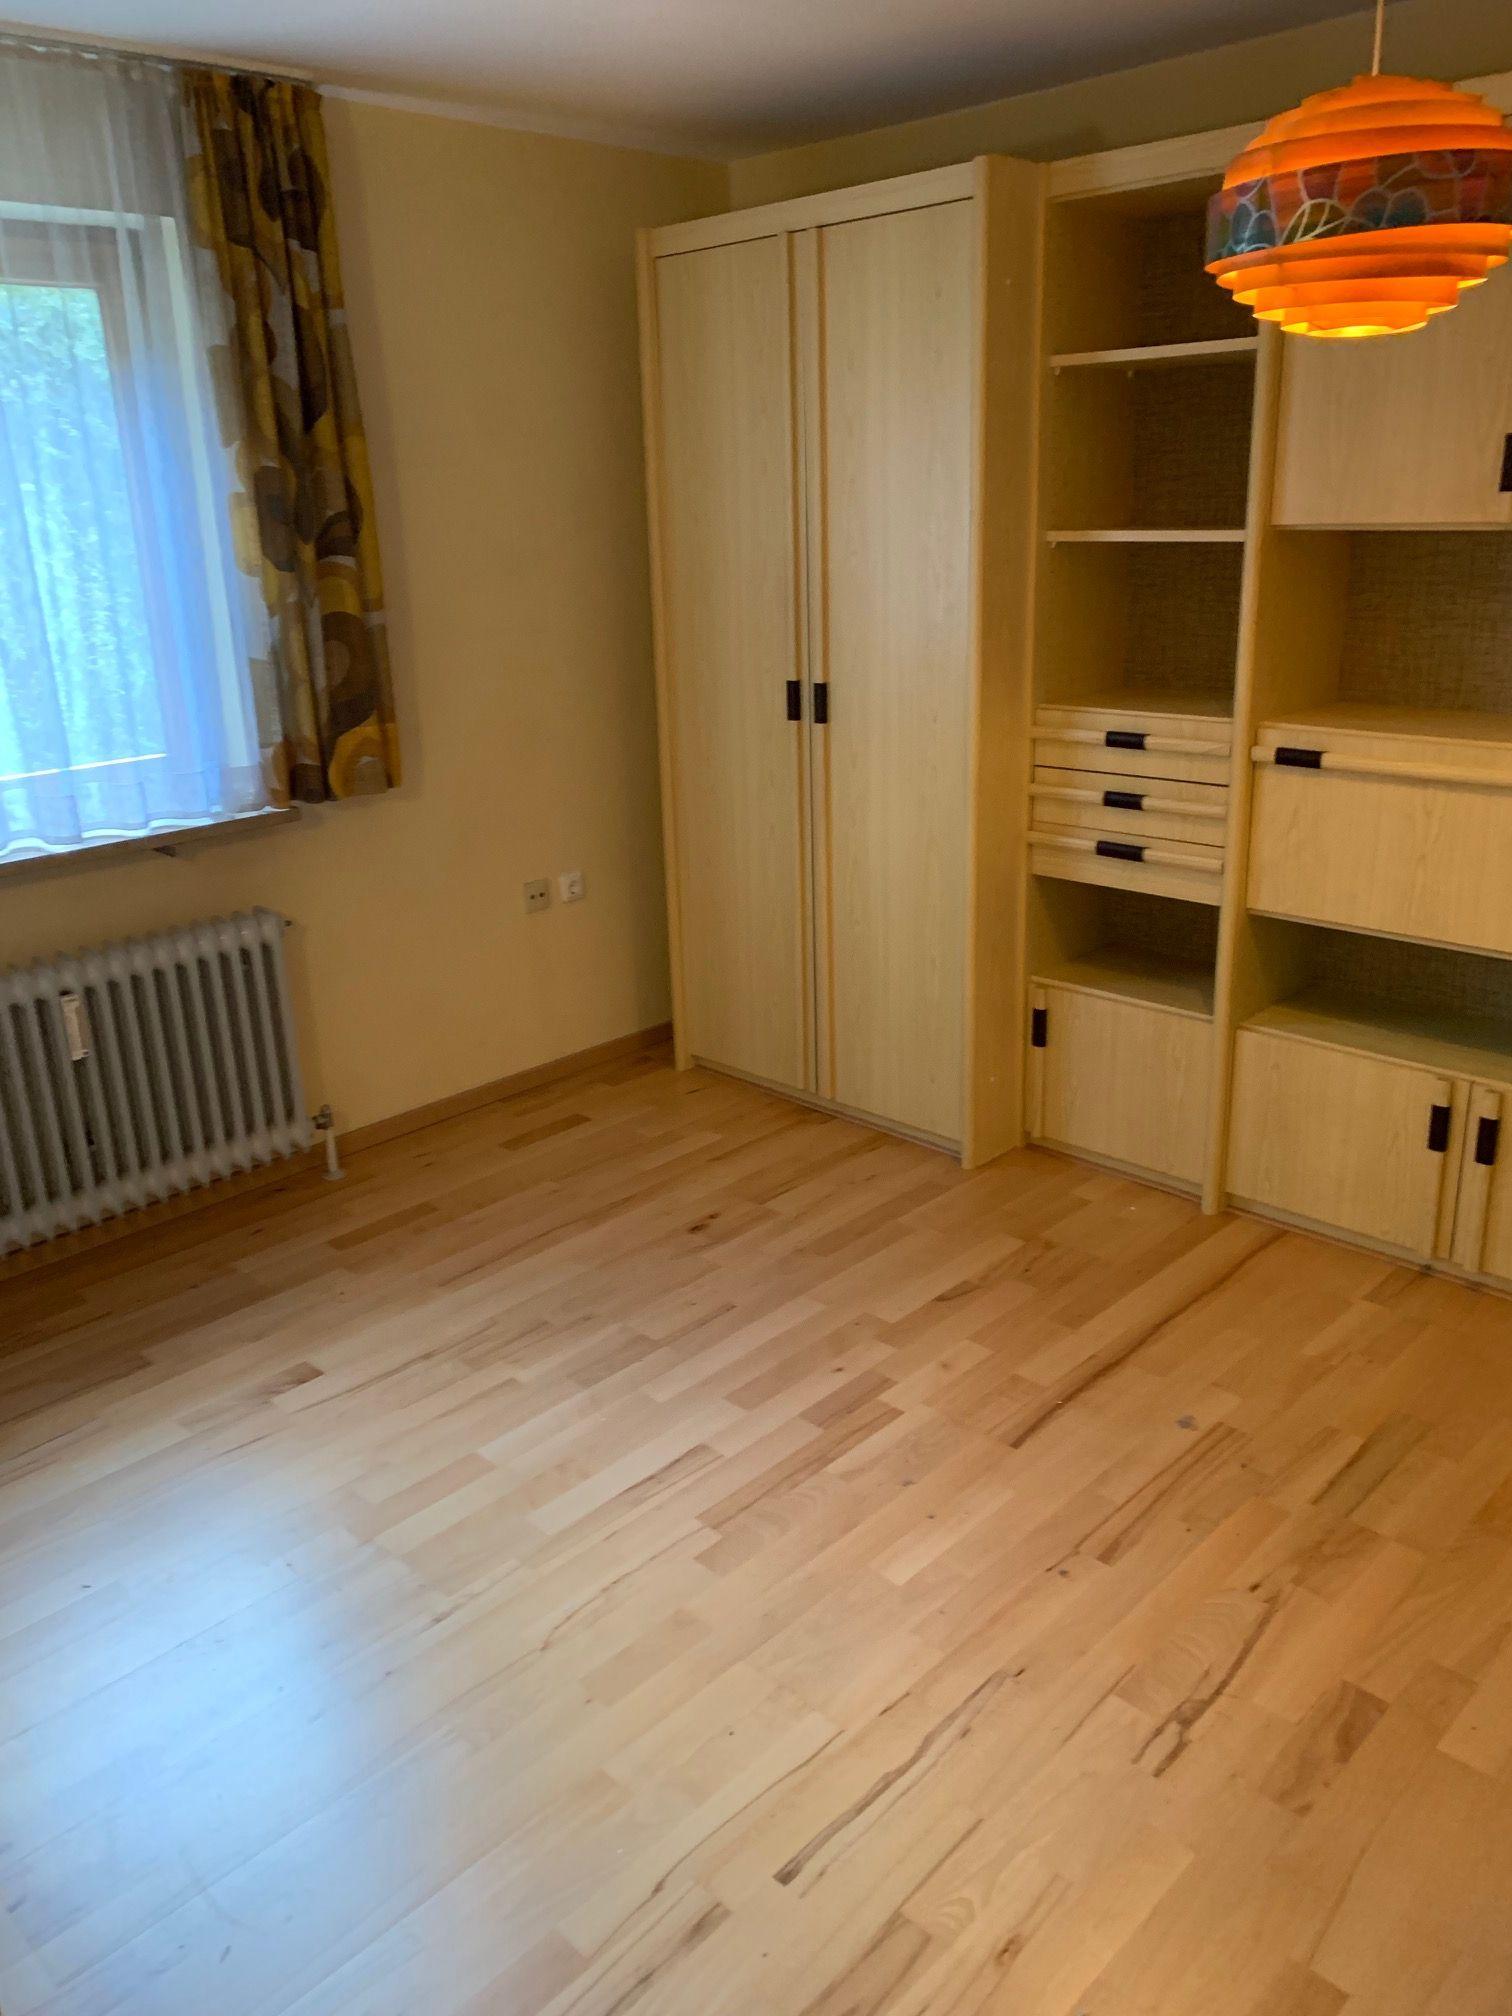 Schickes 1-Zimmer-Apartment teilmöbliert in Bad Berneck bestens für Pendler geeignet